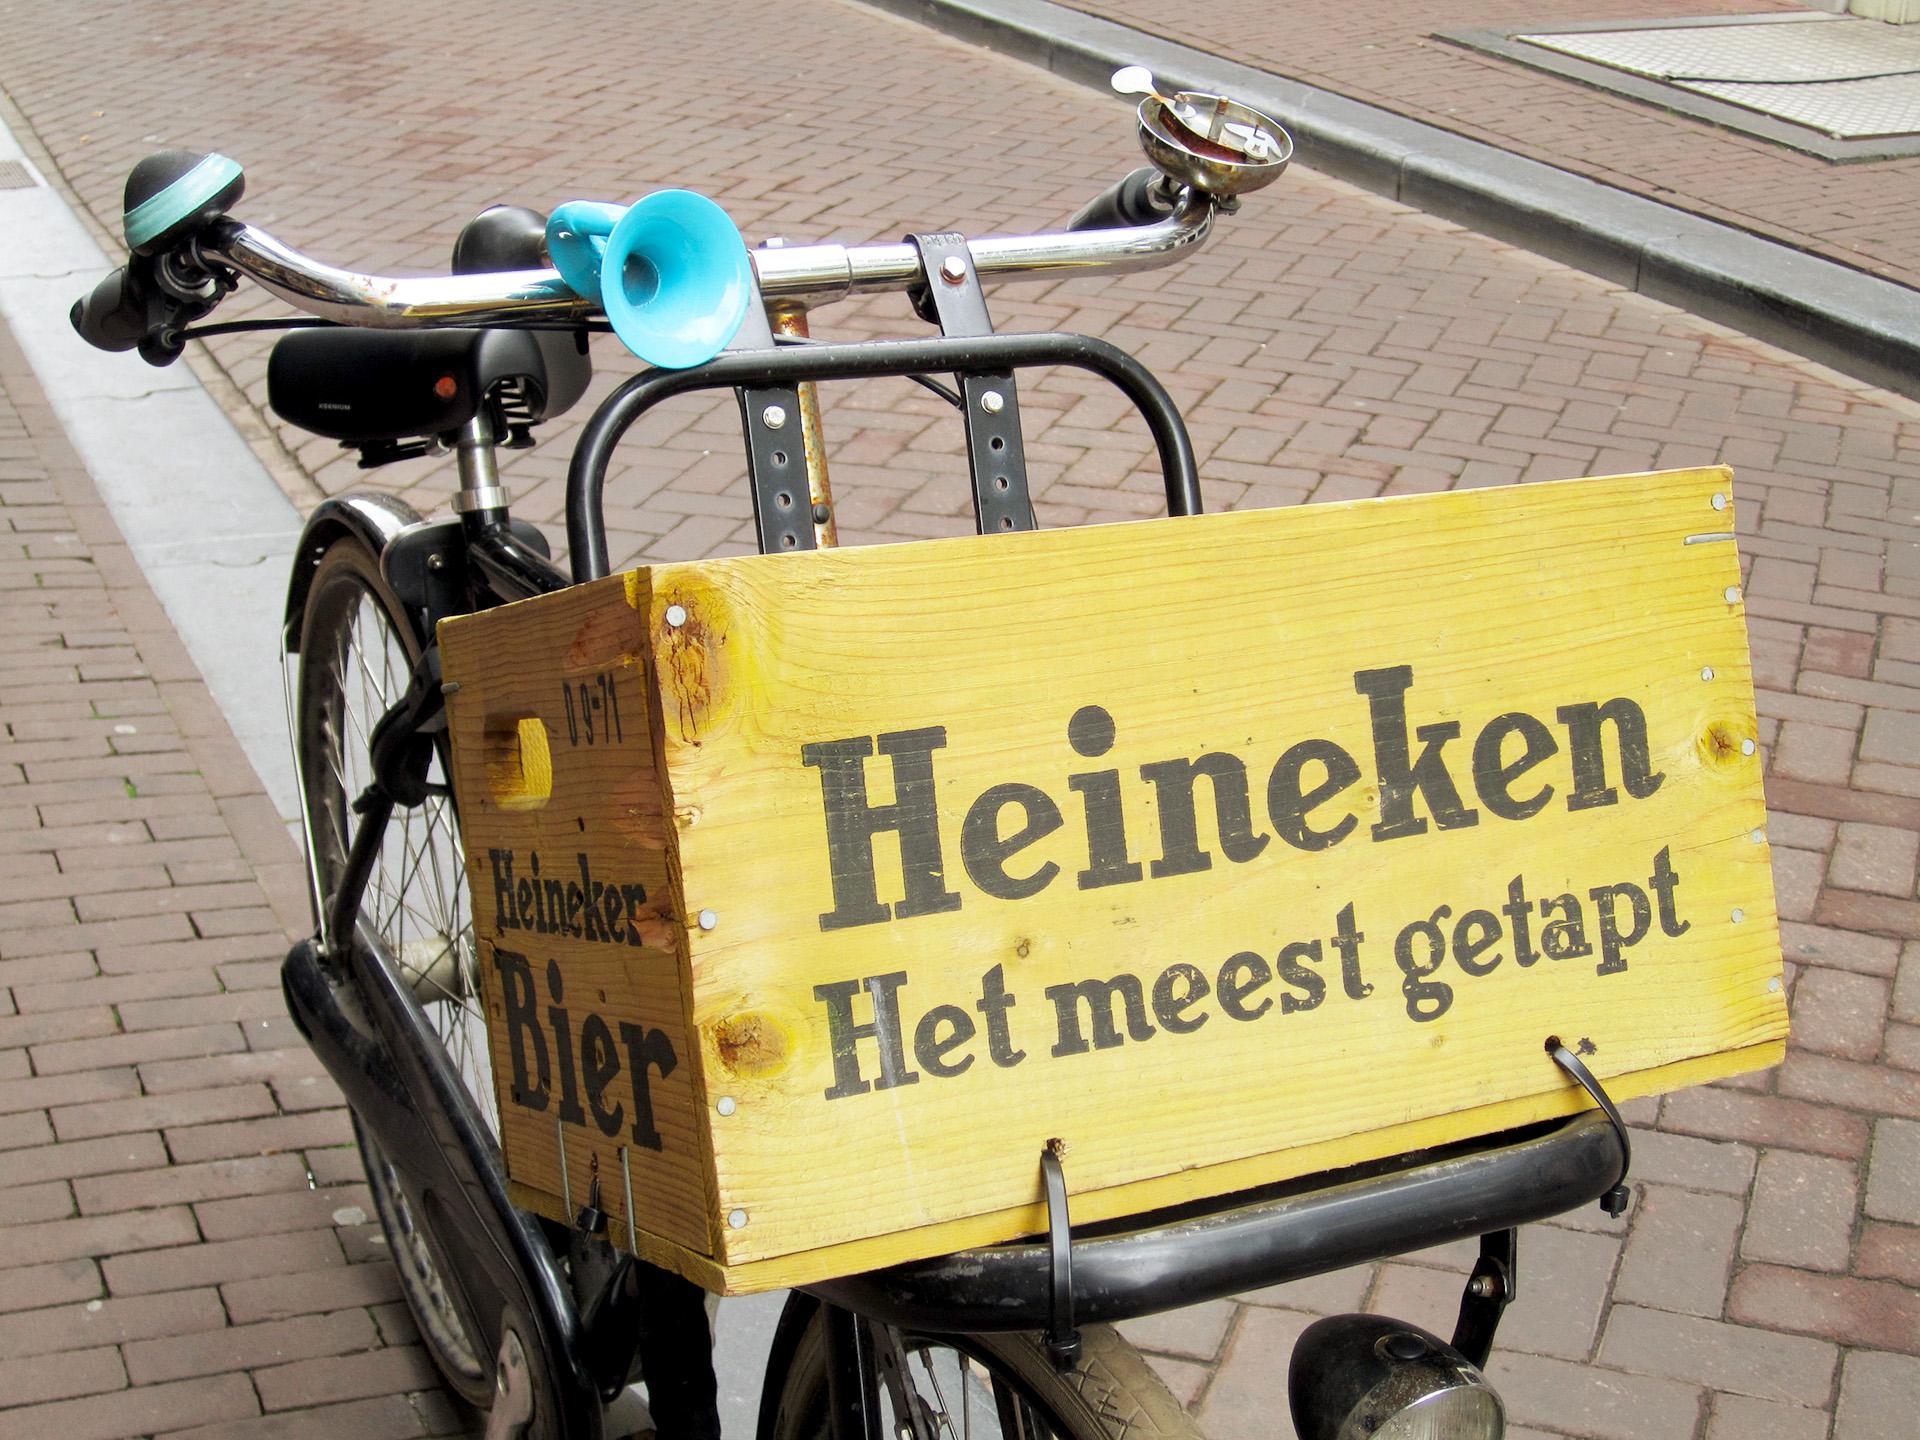 Heineken delivery bike, Amsterdam.